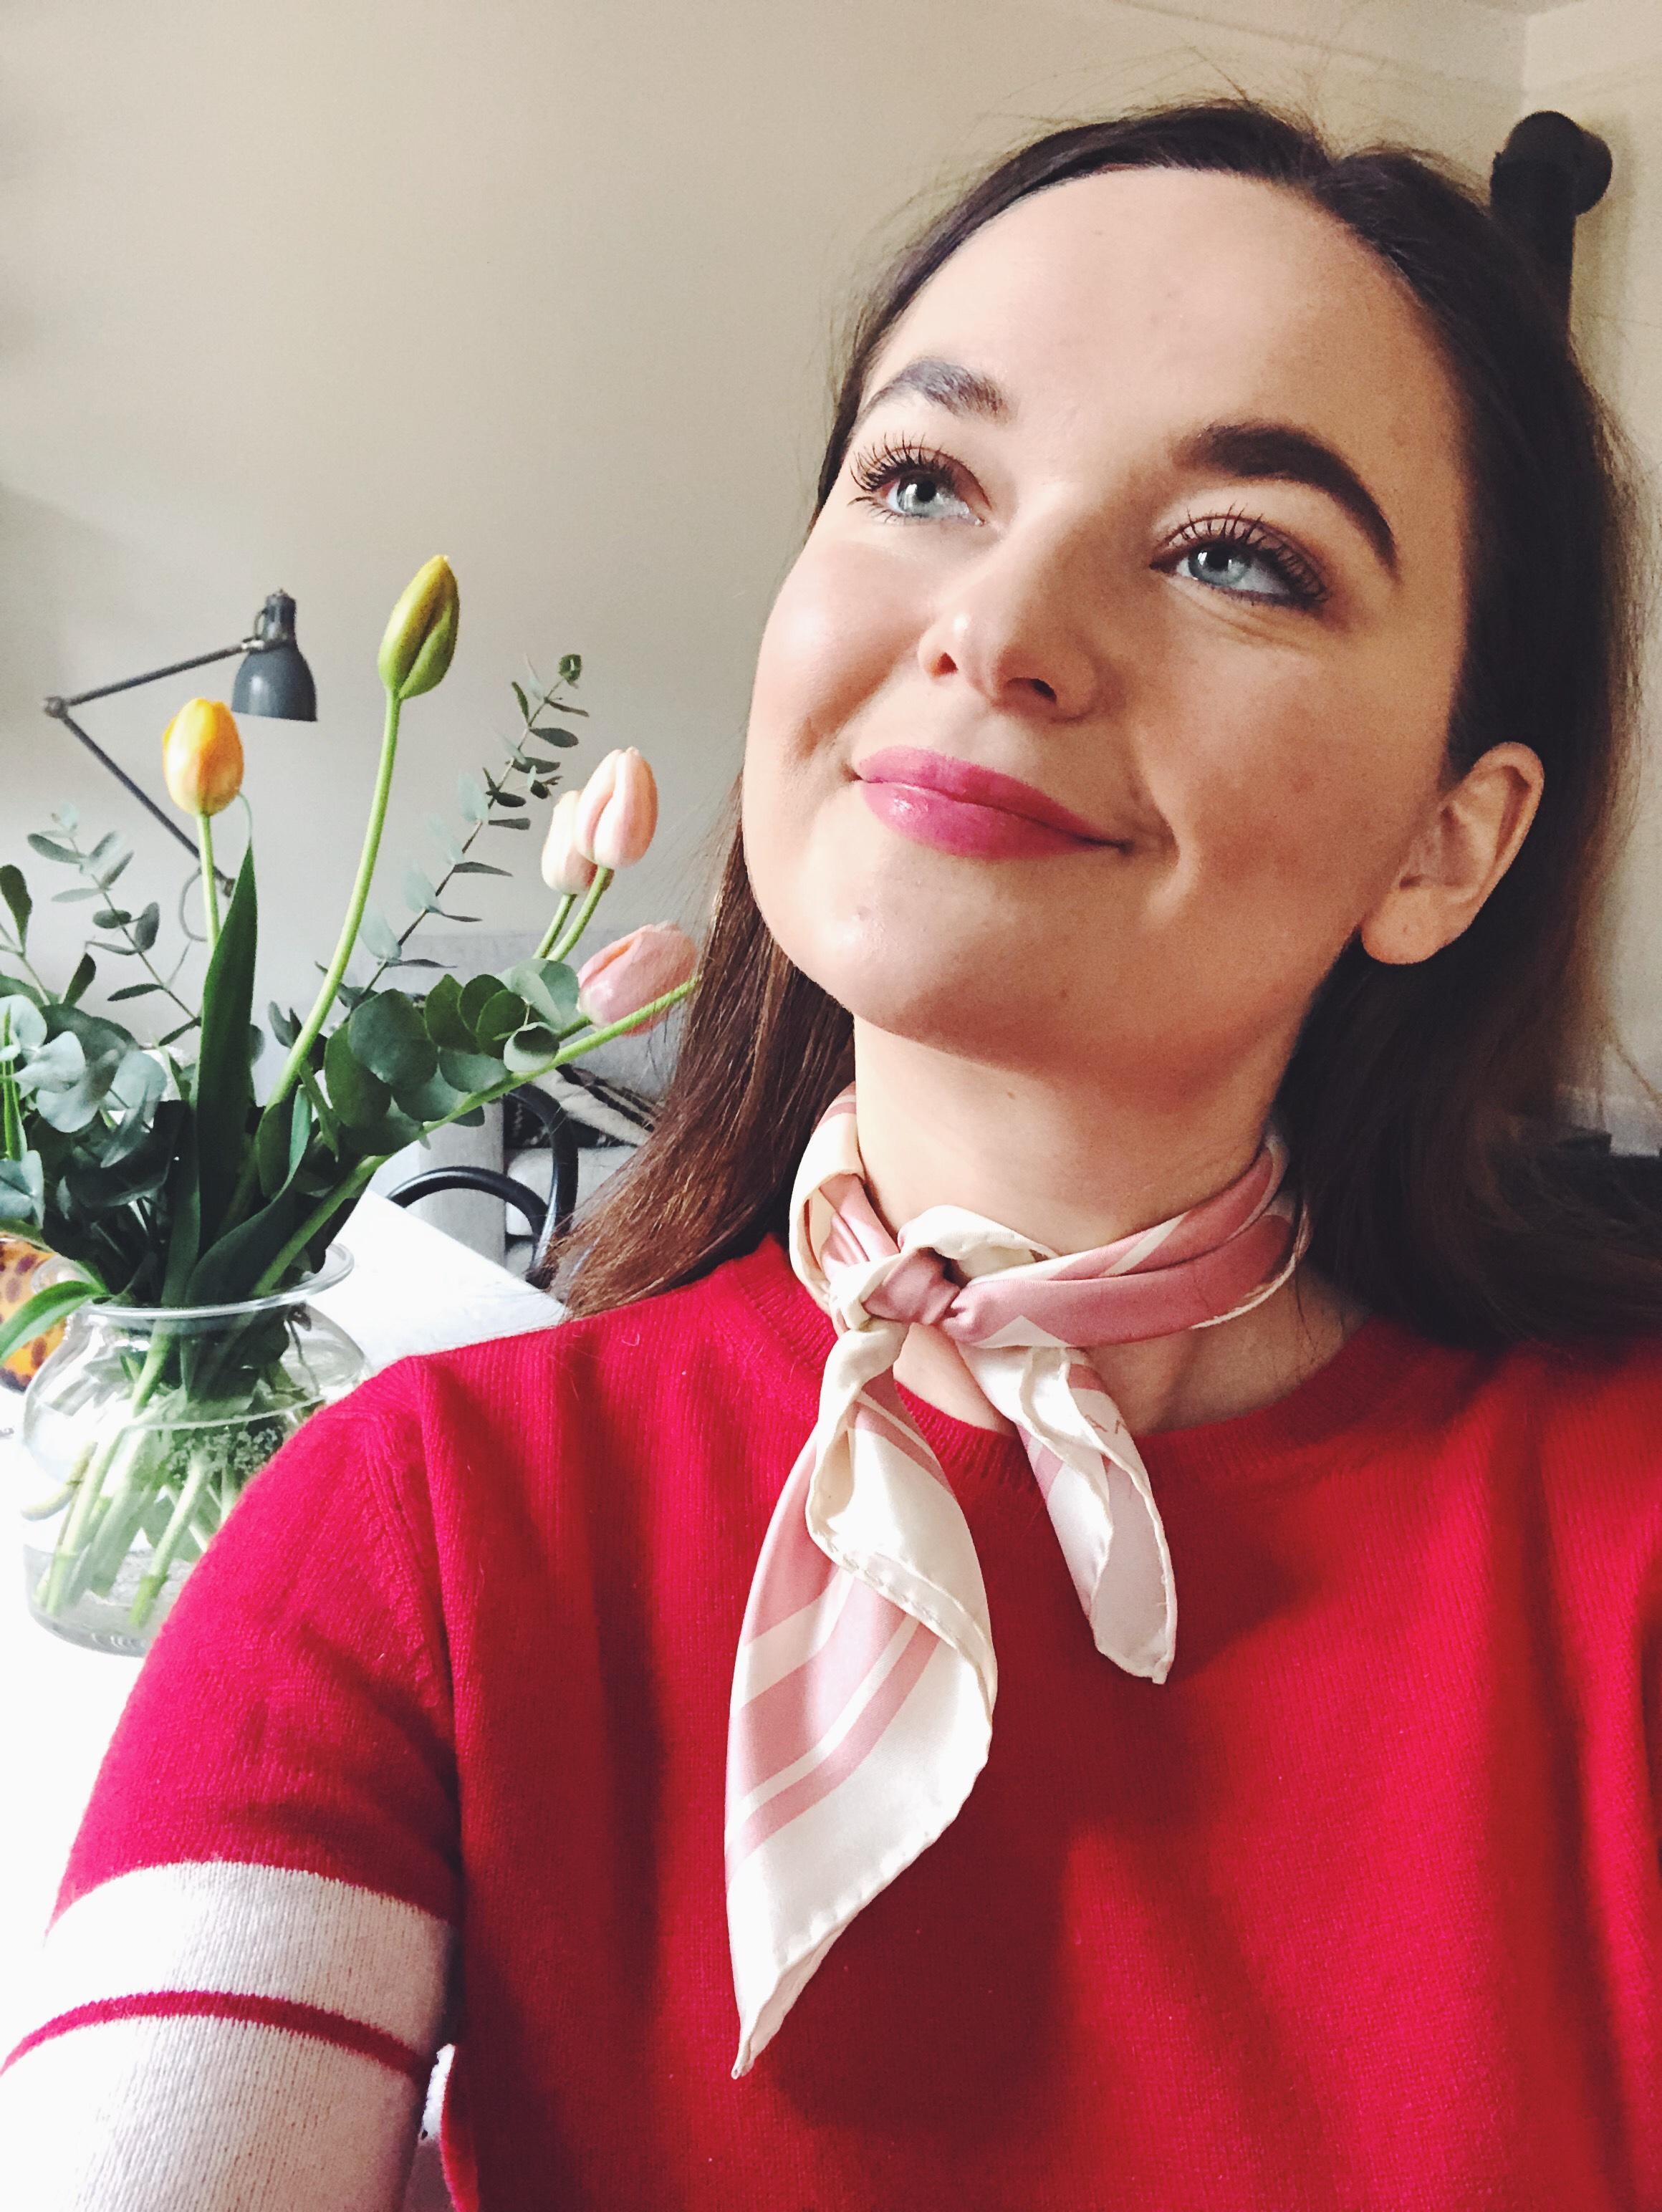 baf143892498 Och så här ser jag ut idag! Tror verkligen på scarfs runt halsen i vår. Så  fint mot både tröja och skjorta. Tycker verkligen det PIGGAR UPP.